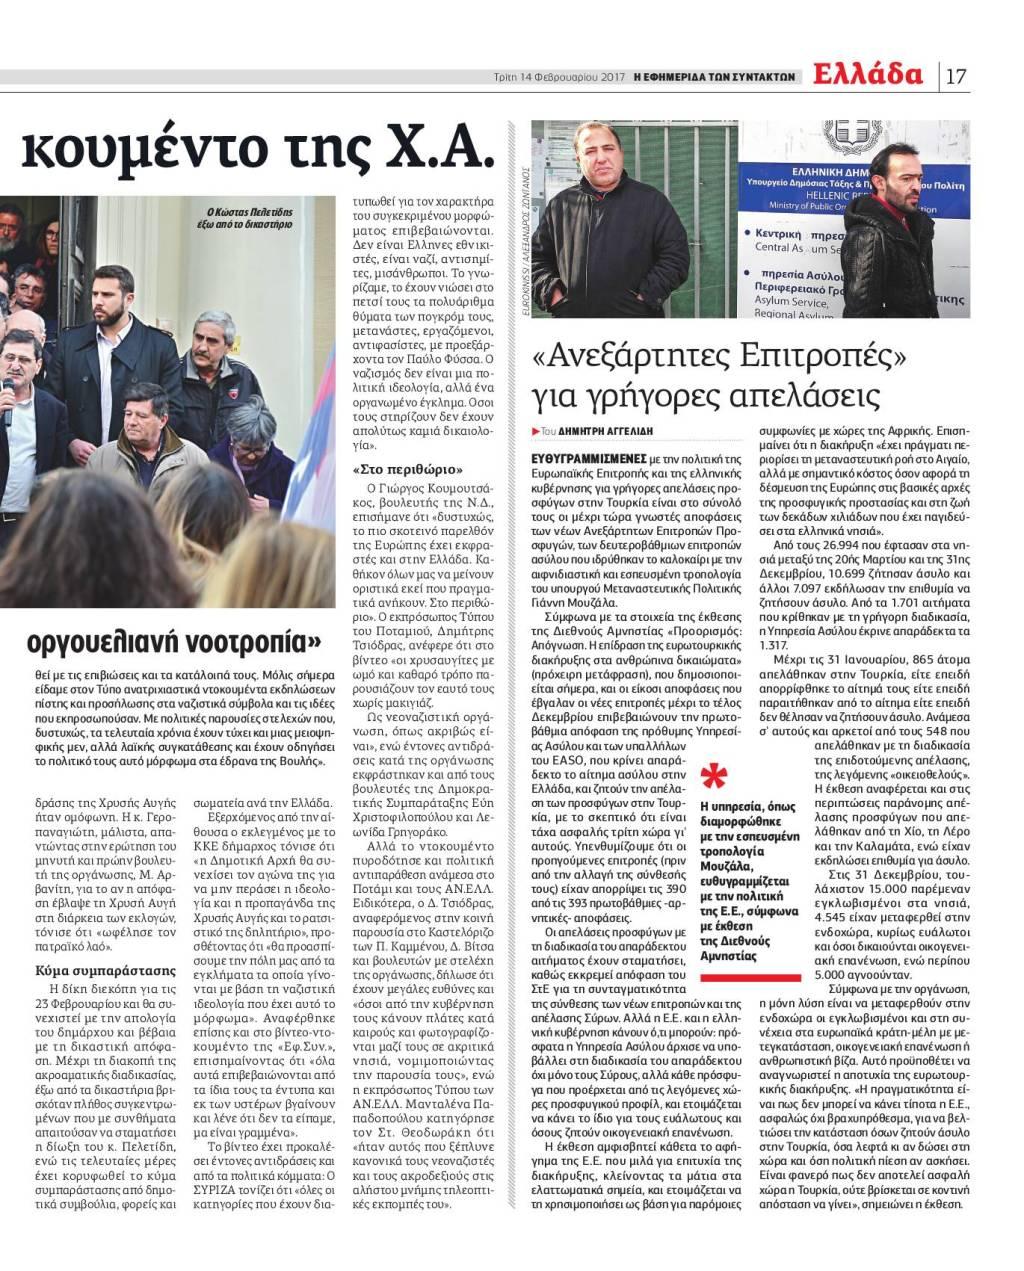 Εφημερίδα των Συντακτών, 14/02/2017, σελίδα 17: Πανελλήνιο σοκ από το βίντεο-ντοκουμέντο της Χρυσής Αυγής.